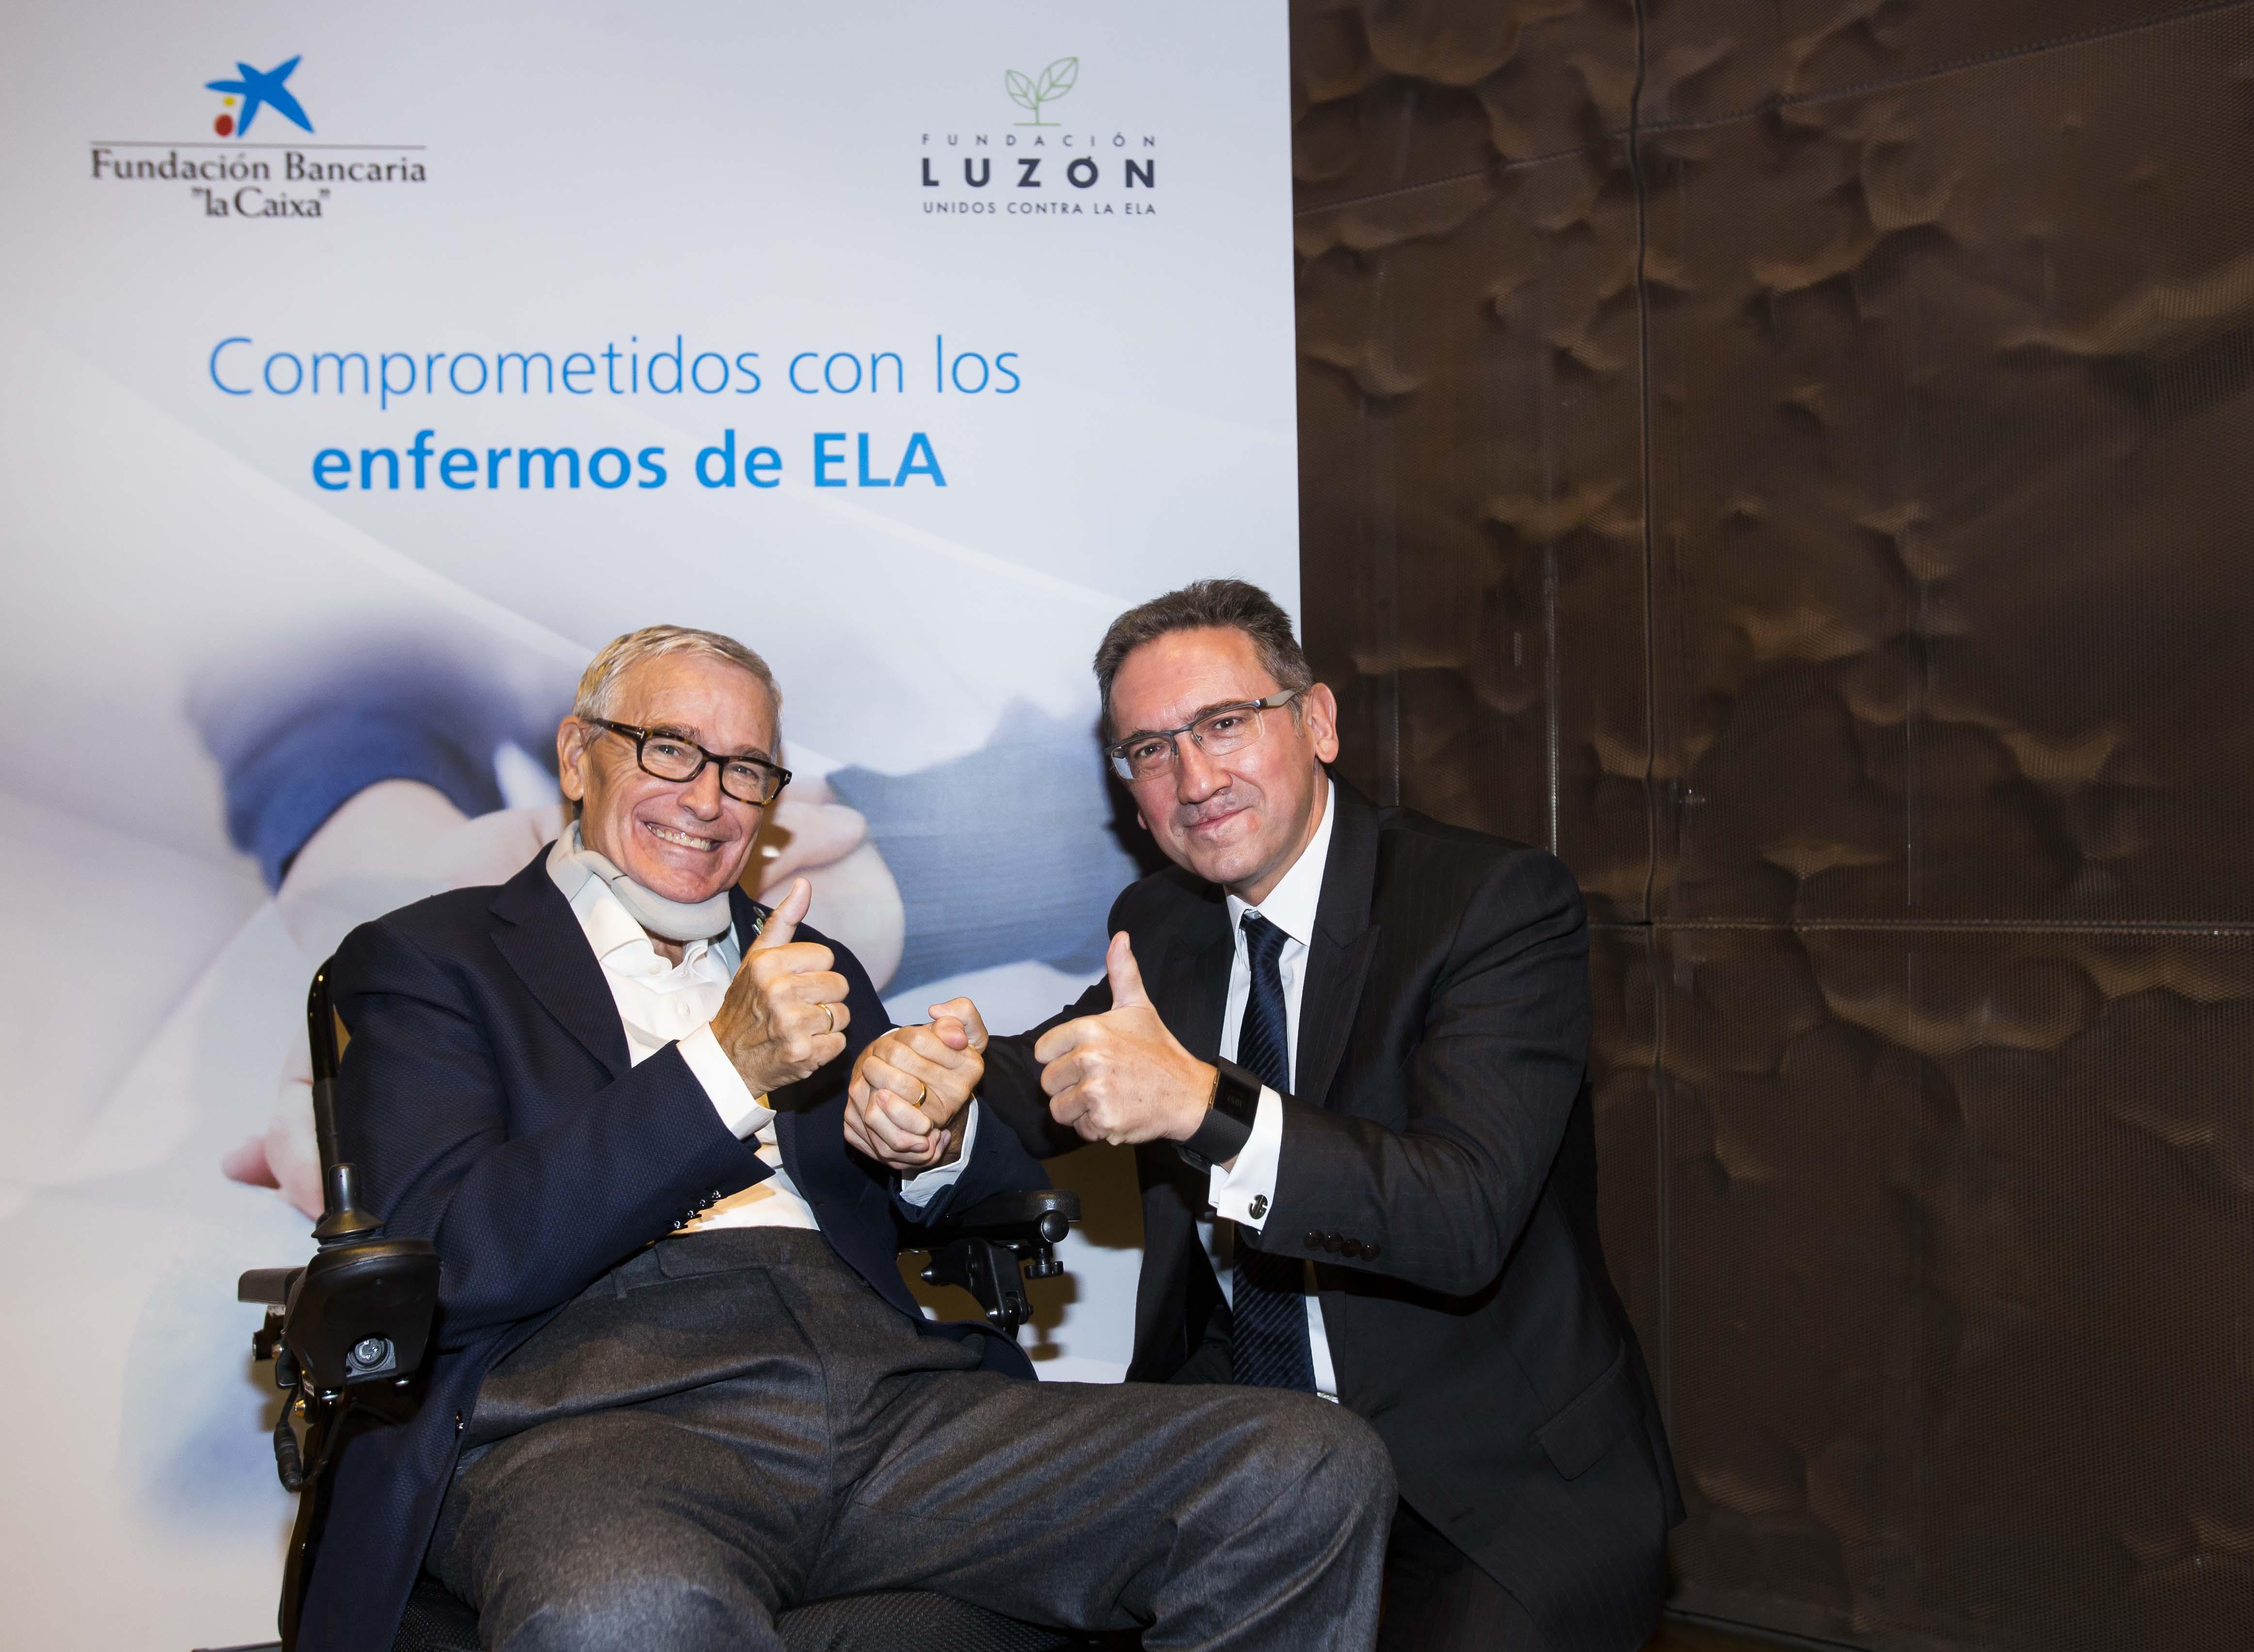 Francisco Luzón (a la izquierda) y Jaume Giró.